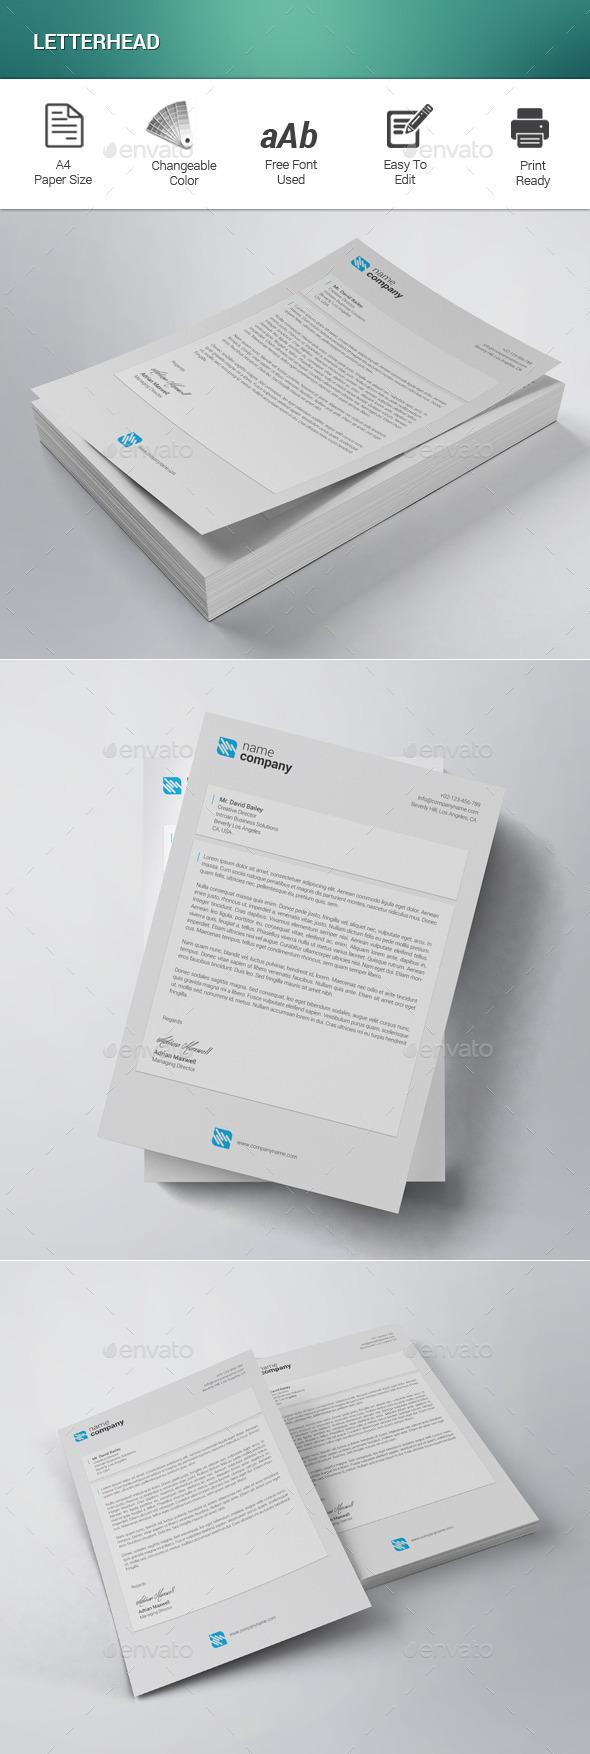 GraphicRiver Letterhead 11935619